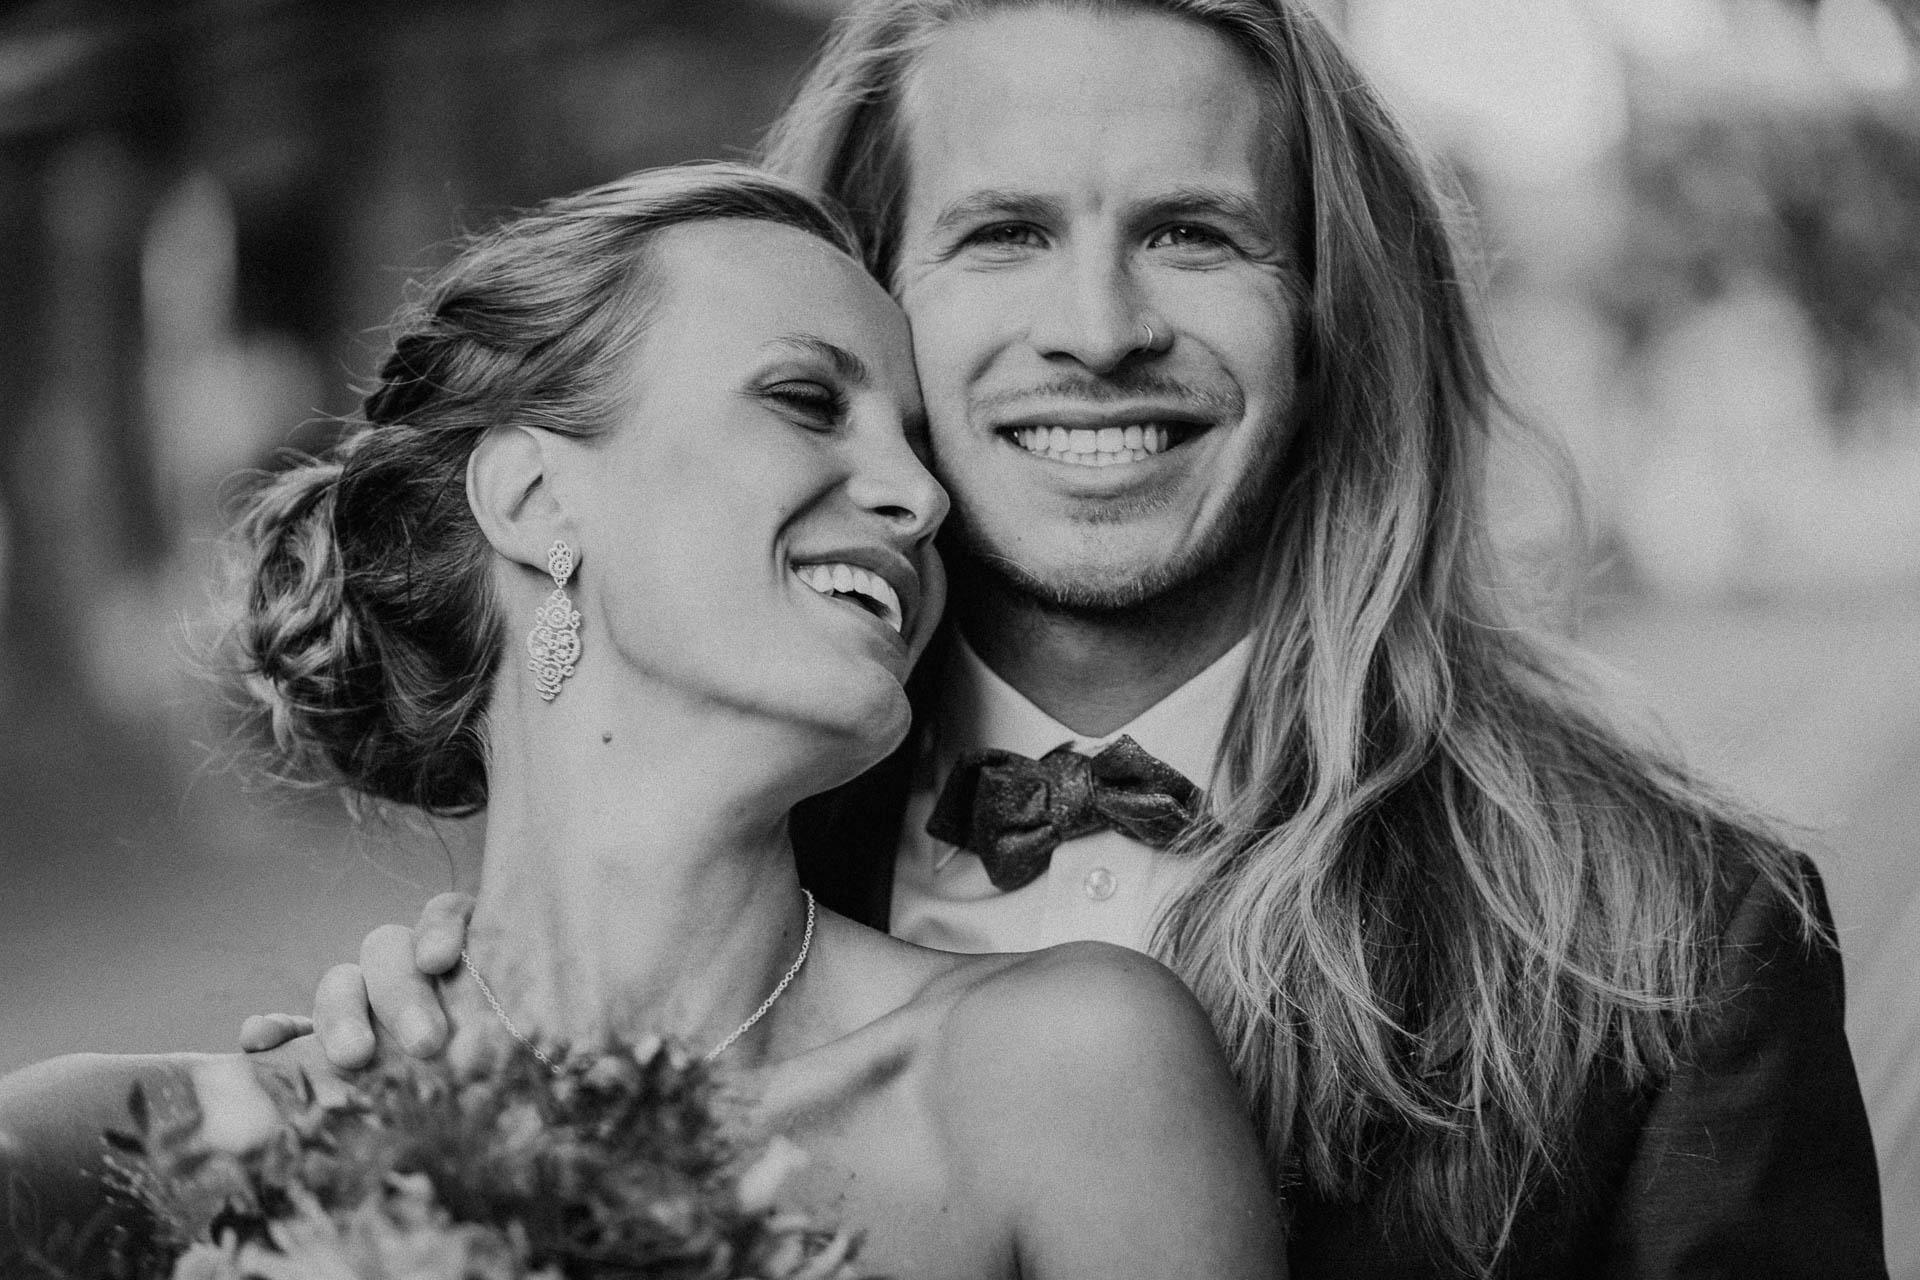 Braut lehnt sich an Bräutigam, beide strahlen